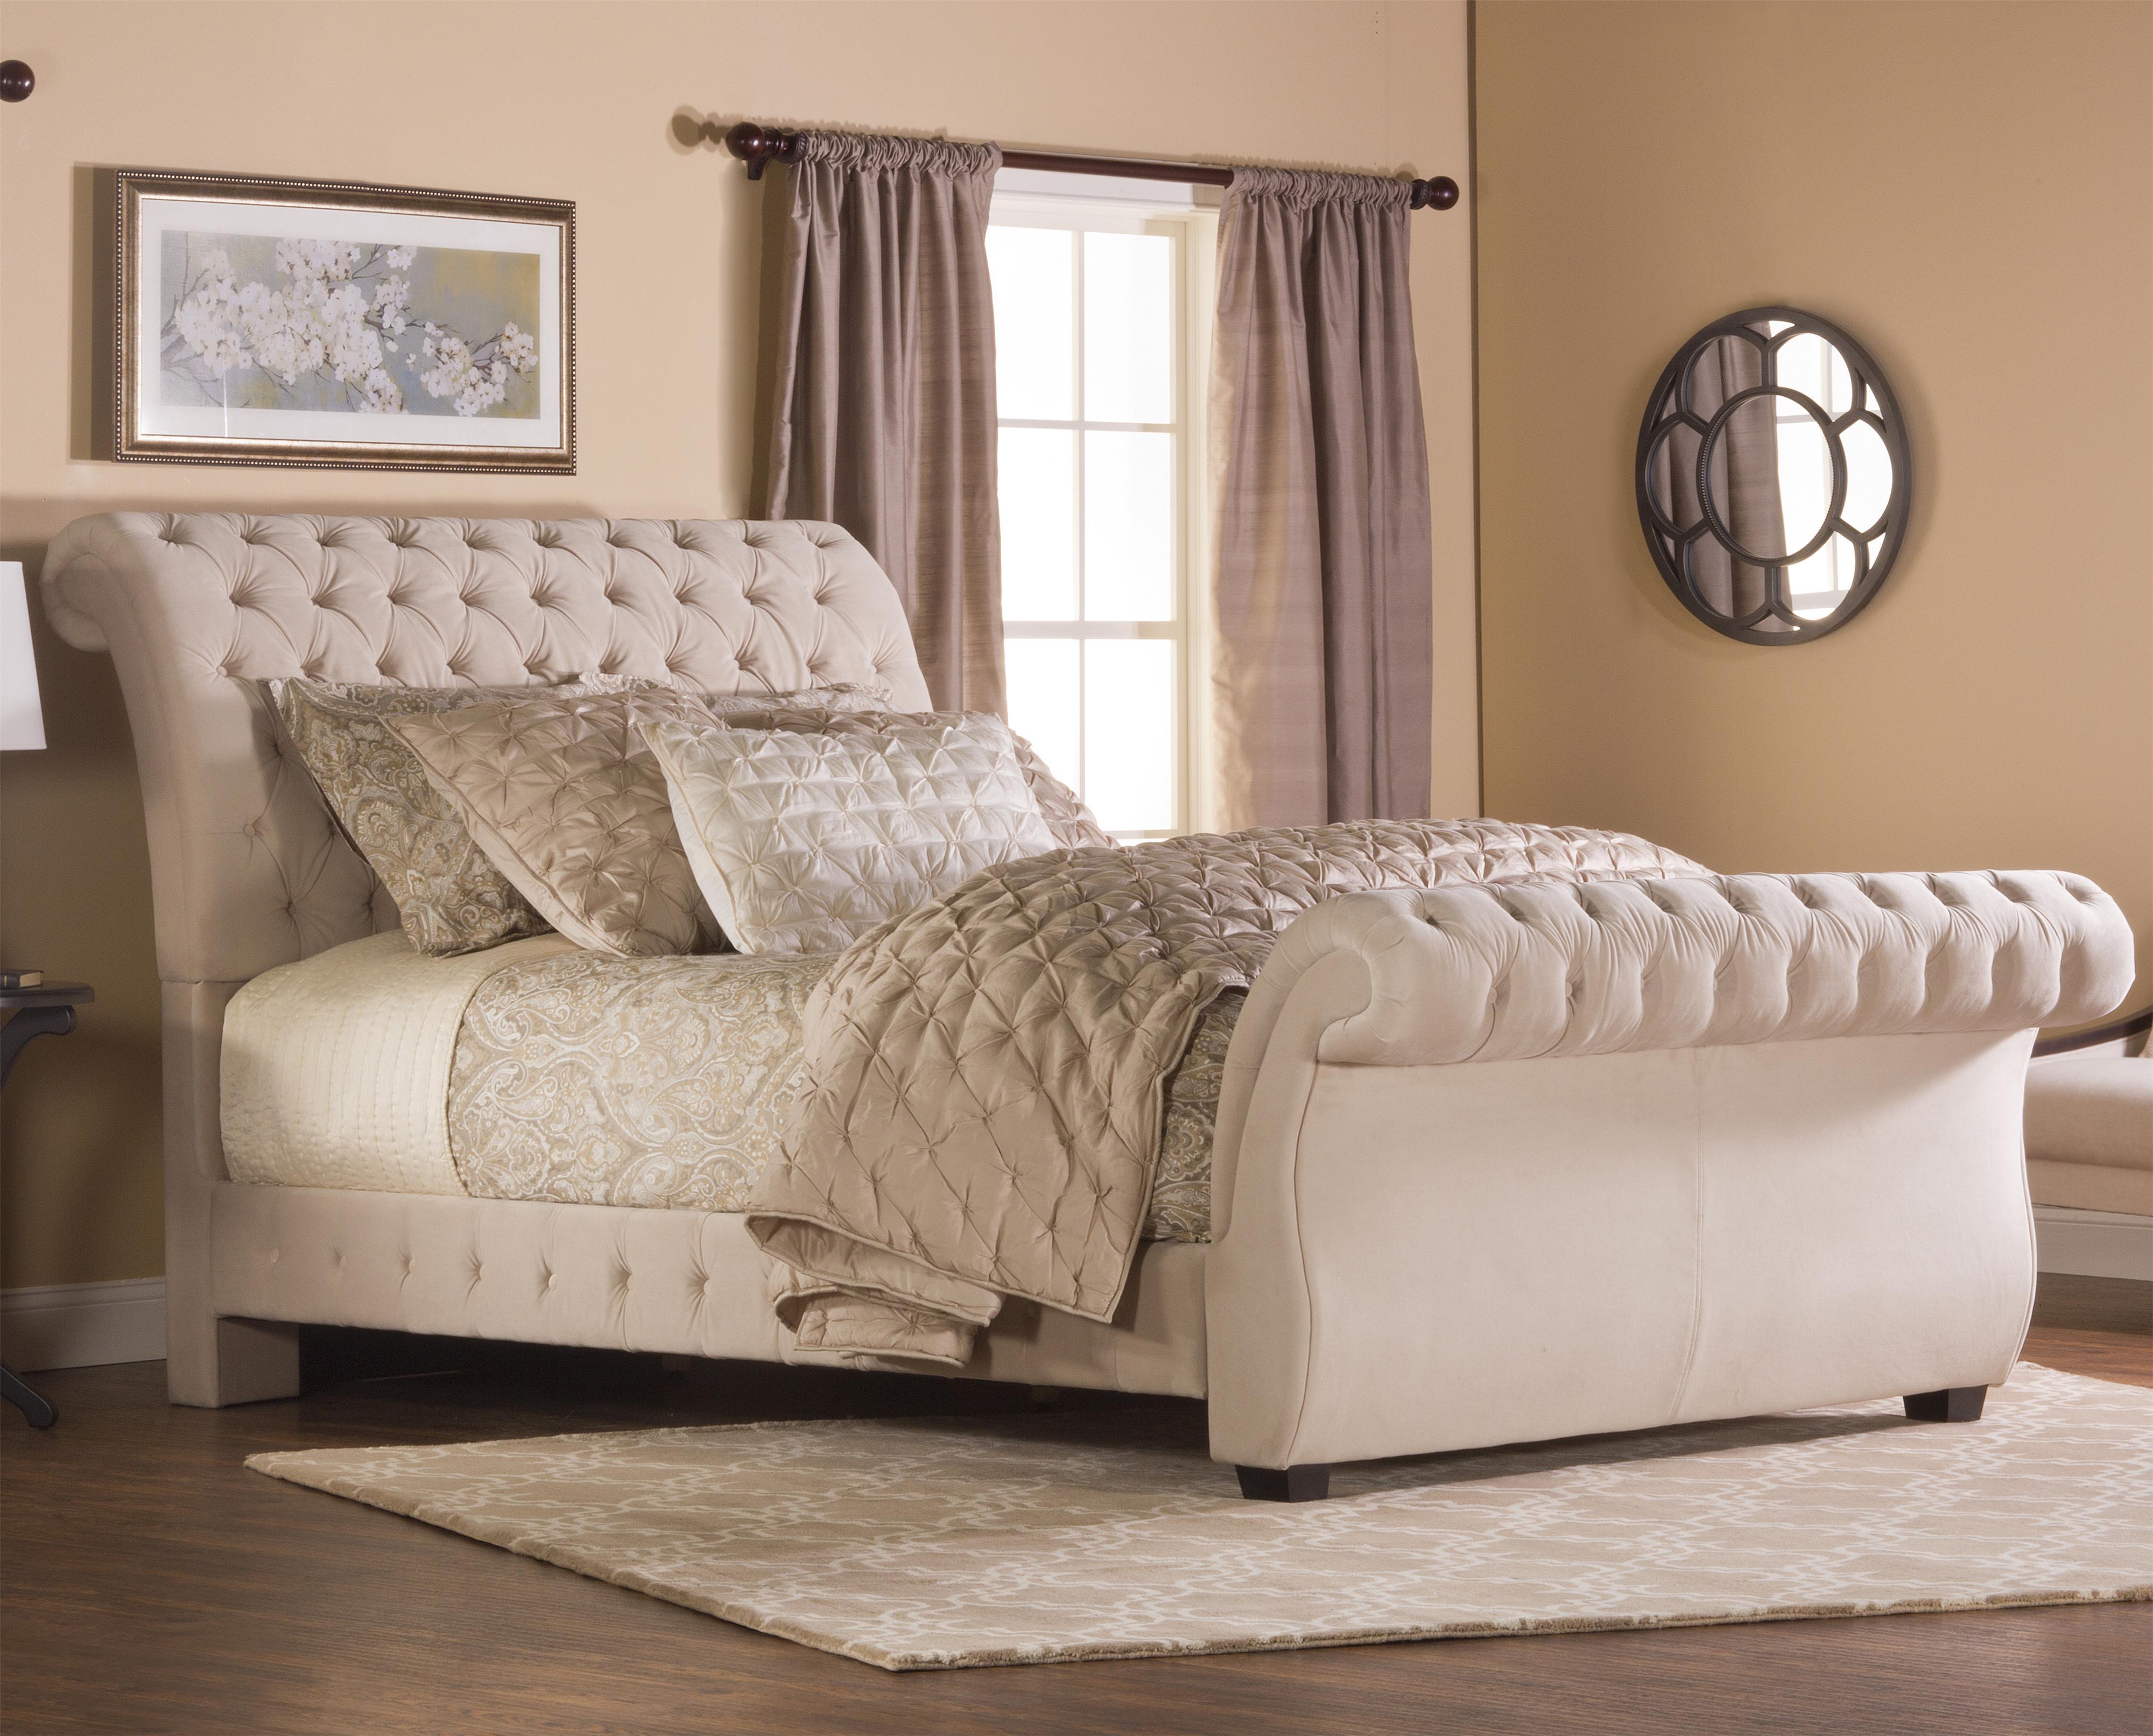 Hillsdale Upholstered Beds 1773BKR King Bombay Upholstered Bed ...